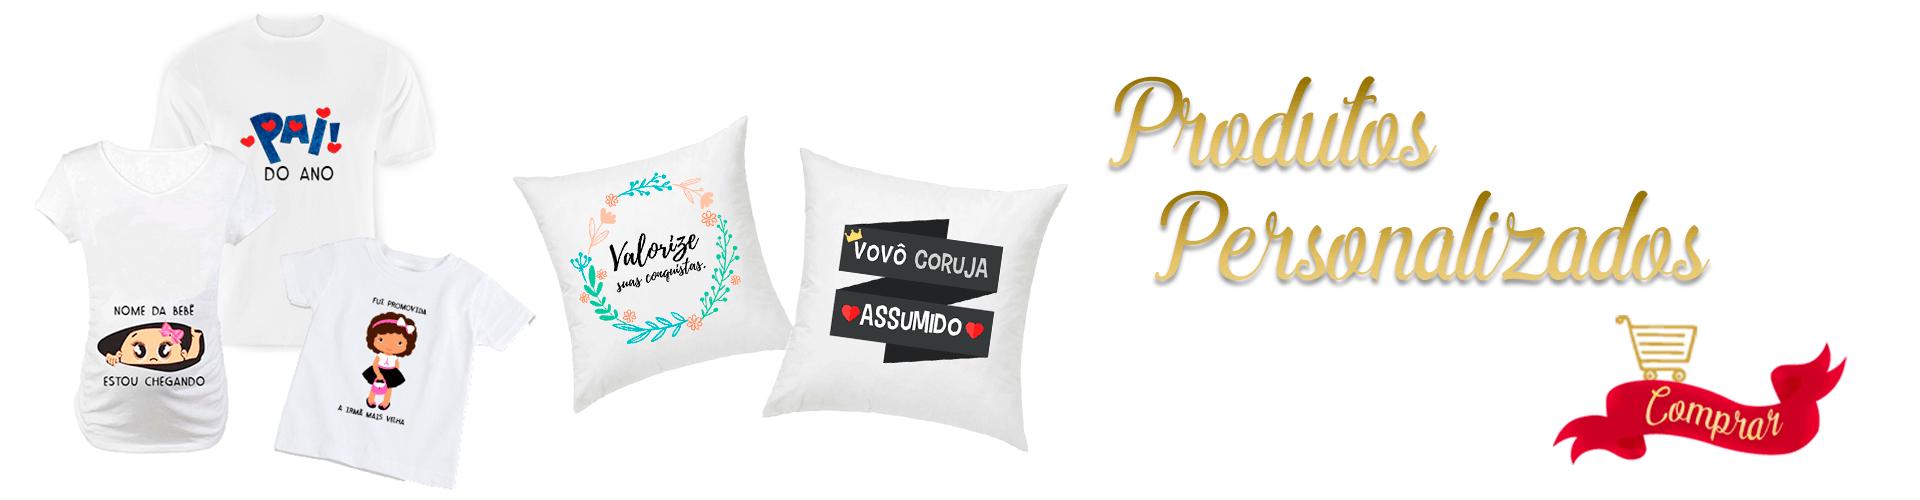 Produtos Personalizados - Almofadas, Camisetas personalizados com fotos e temas especiais , veja mais.